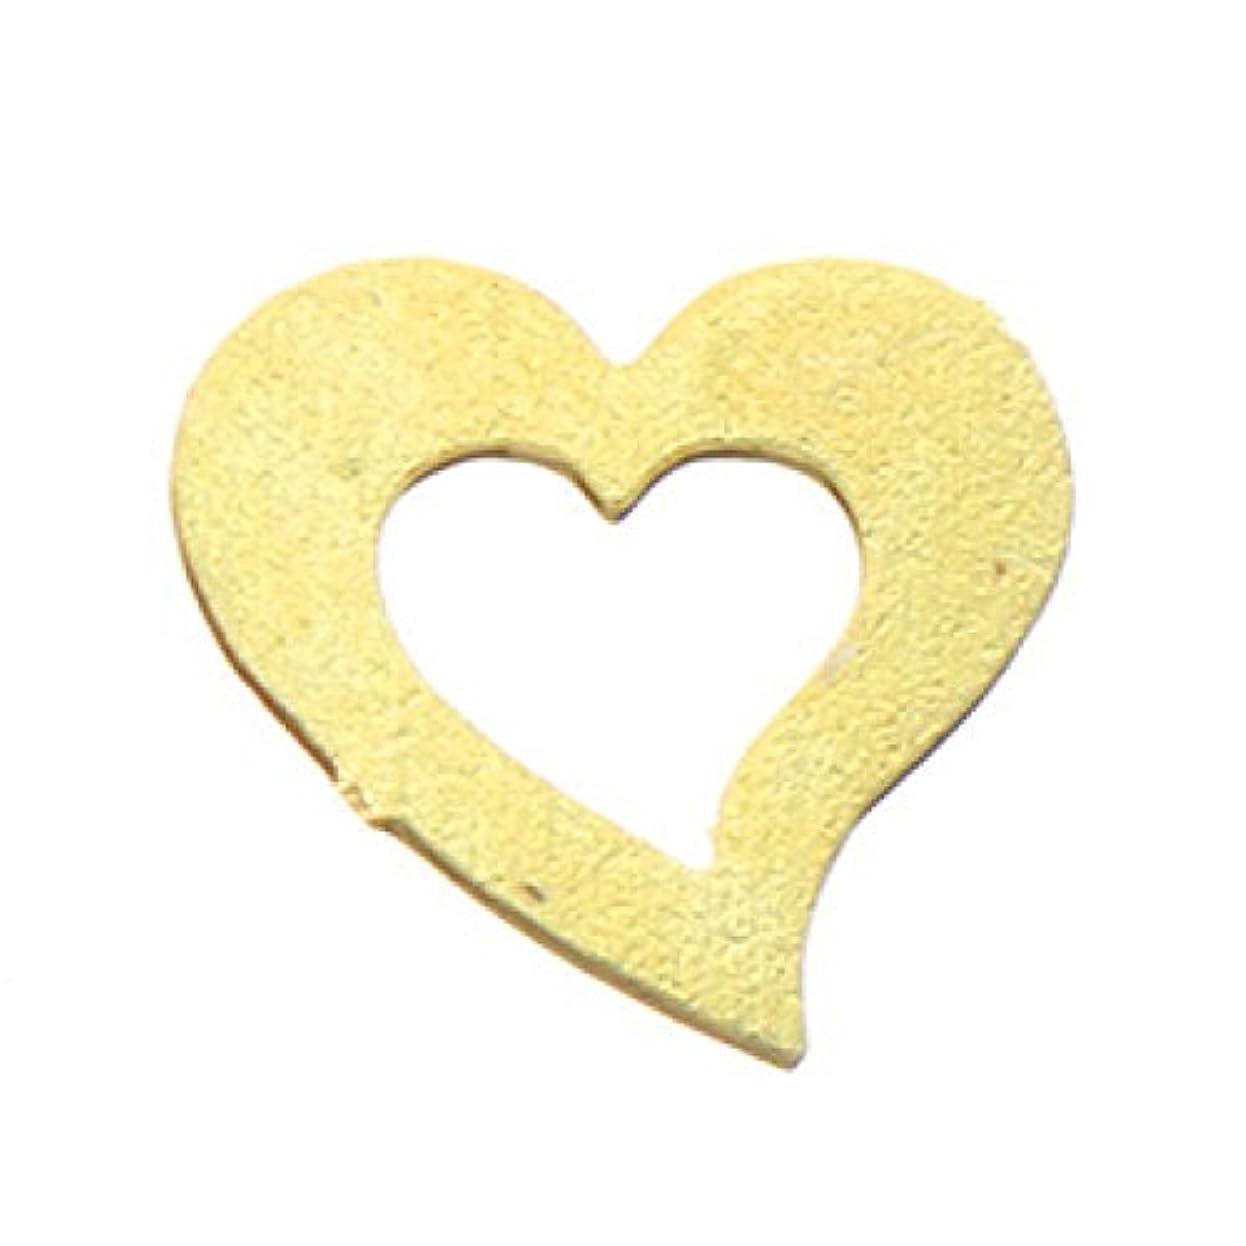 不良それにもかかわらず生むメタルプレート(ネイルストーン デコ)ハート (30個入り) ゴールド(ネイル用品)